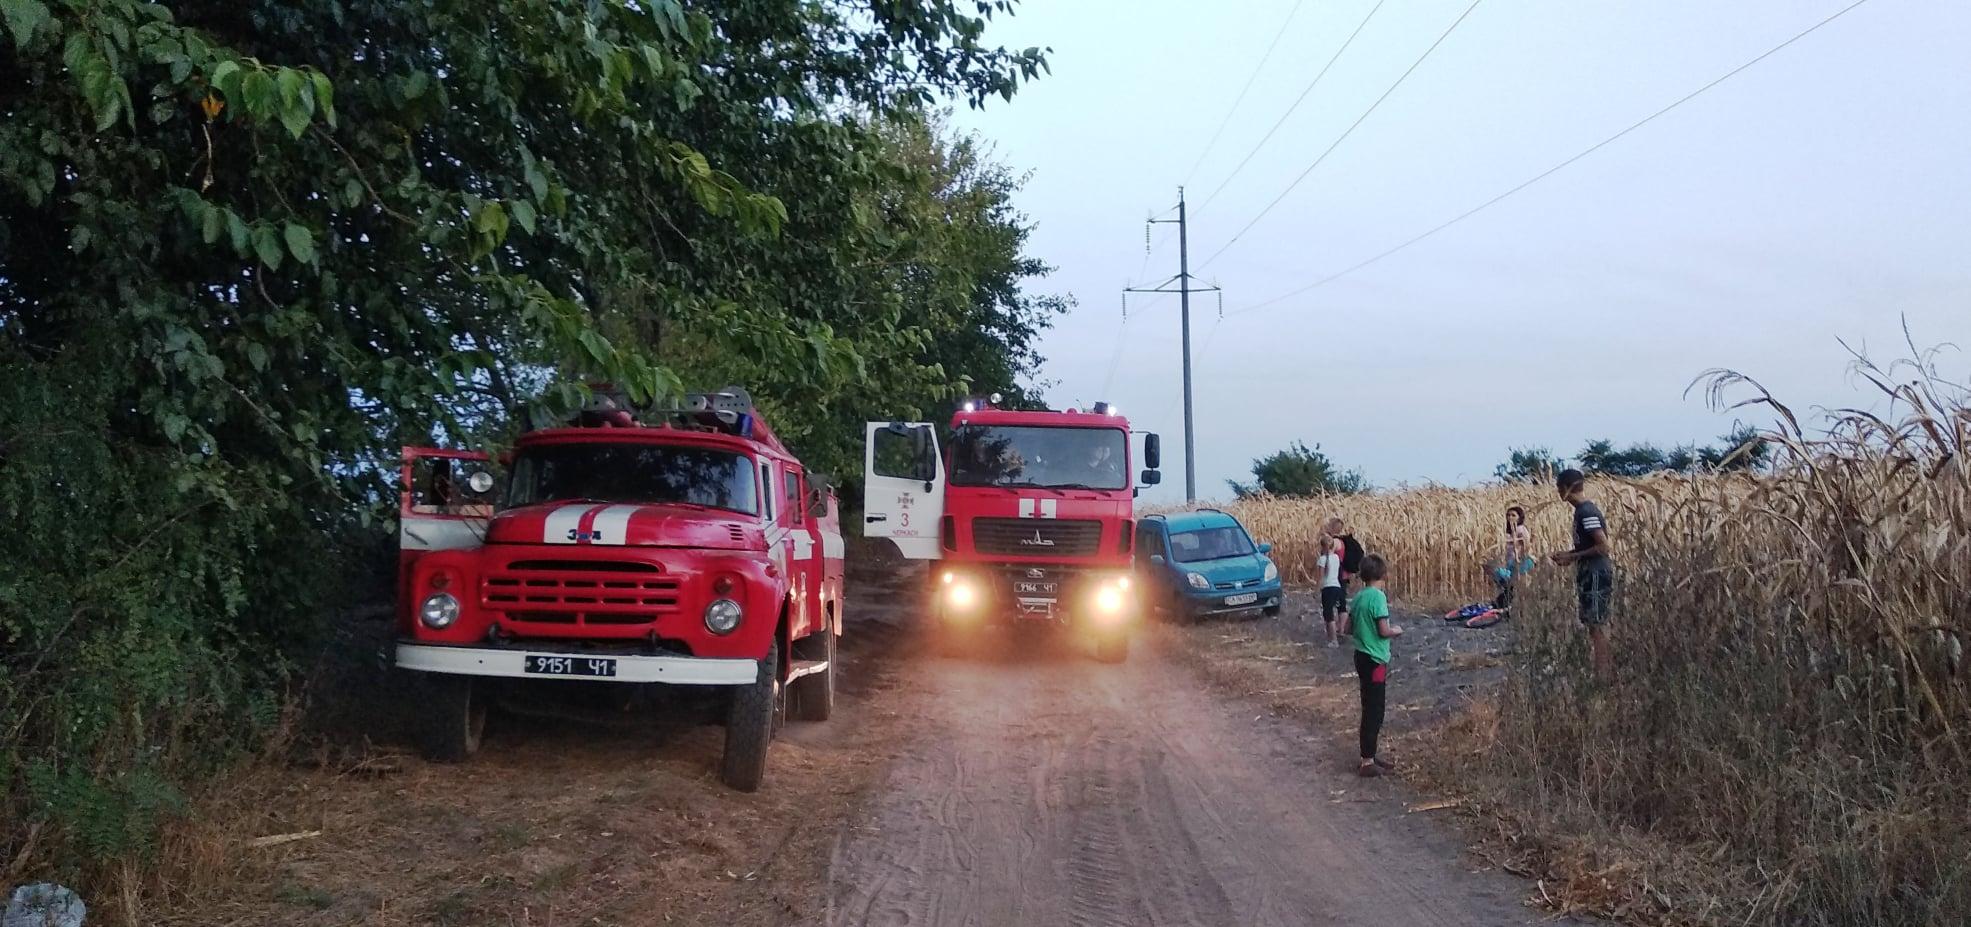 За добу рятувальники ліквідували 16 пожеж на відкритих територіях